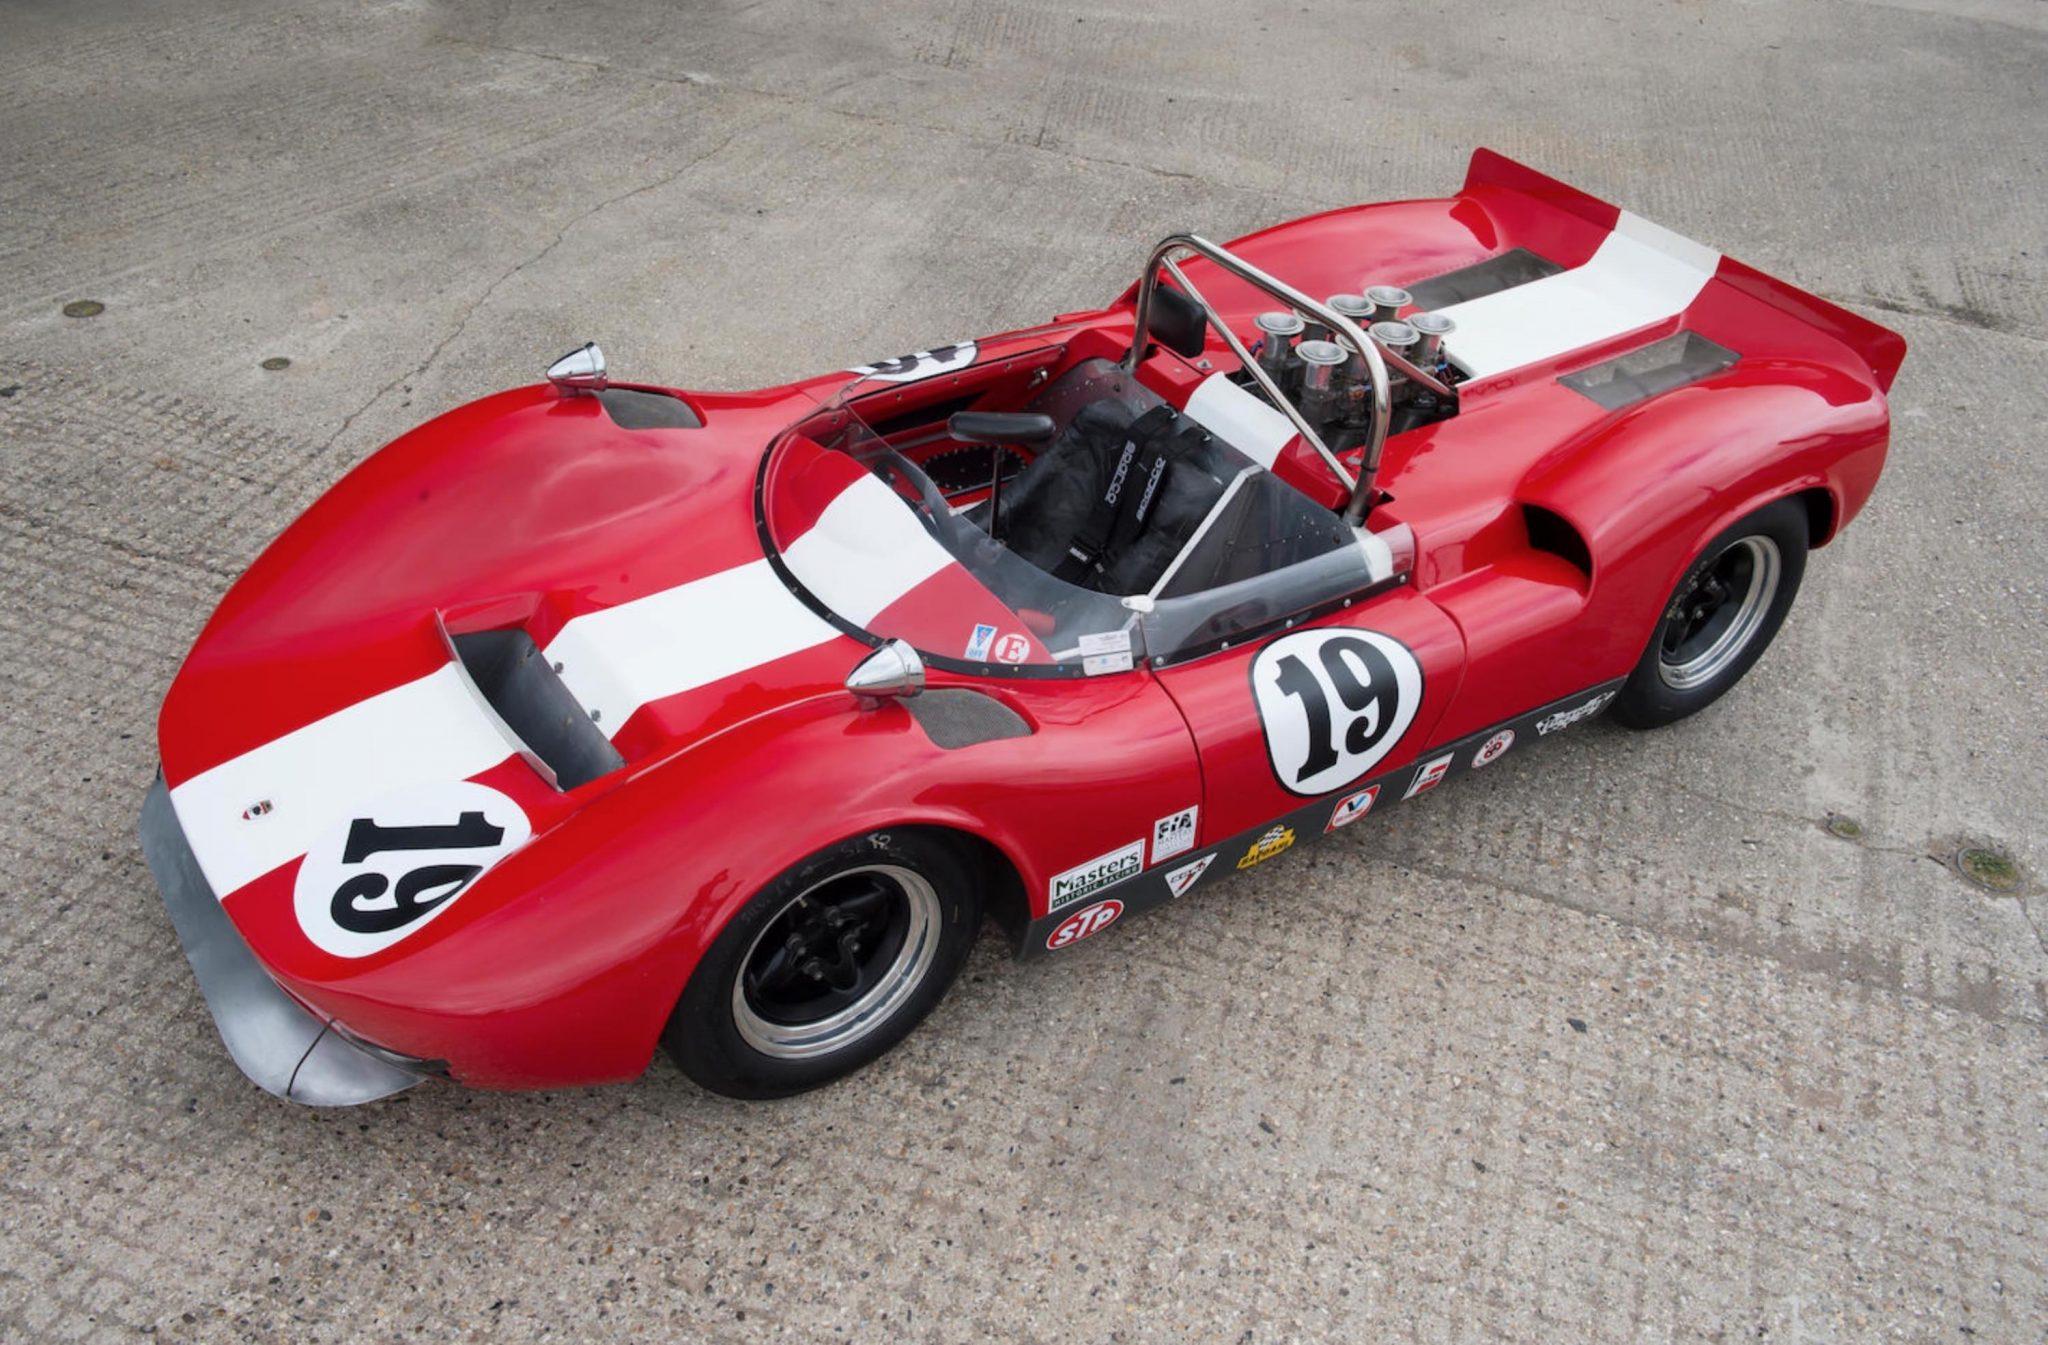 1965 McLaren M1B Group 7 Can-Am Racer